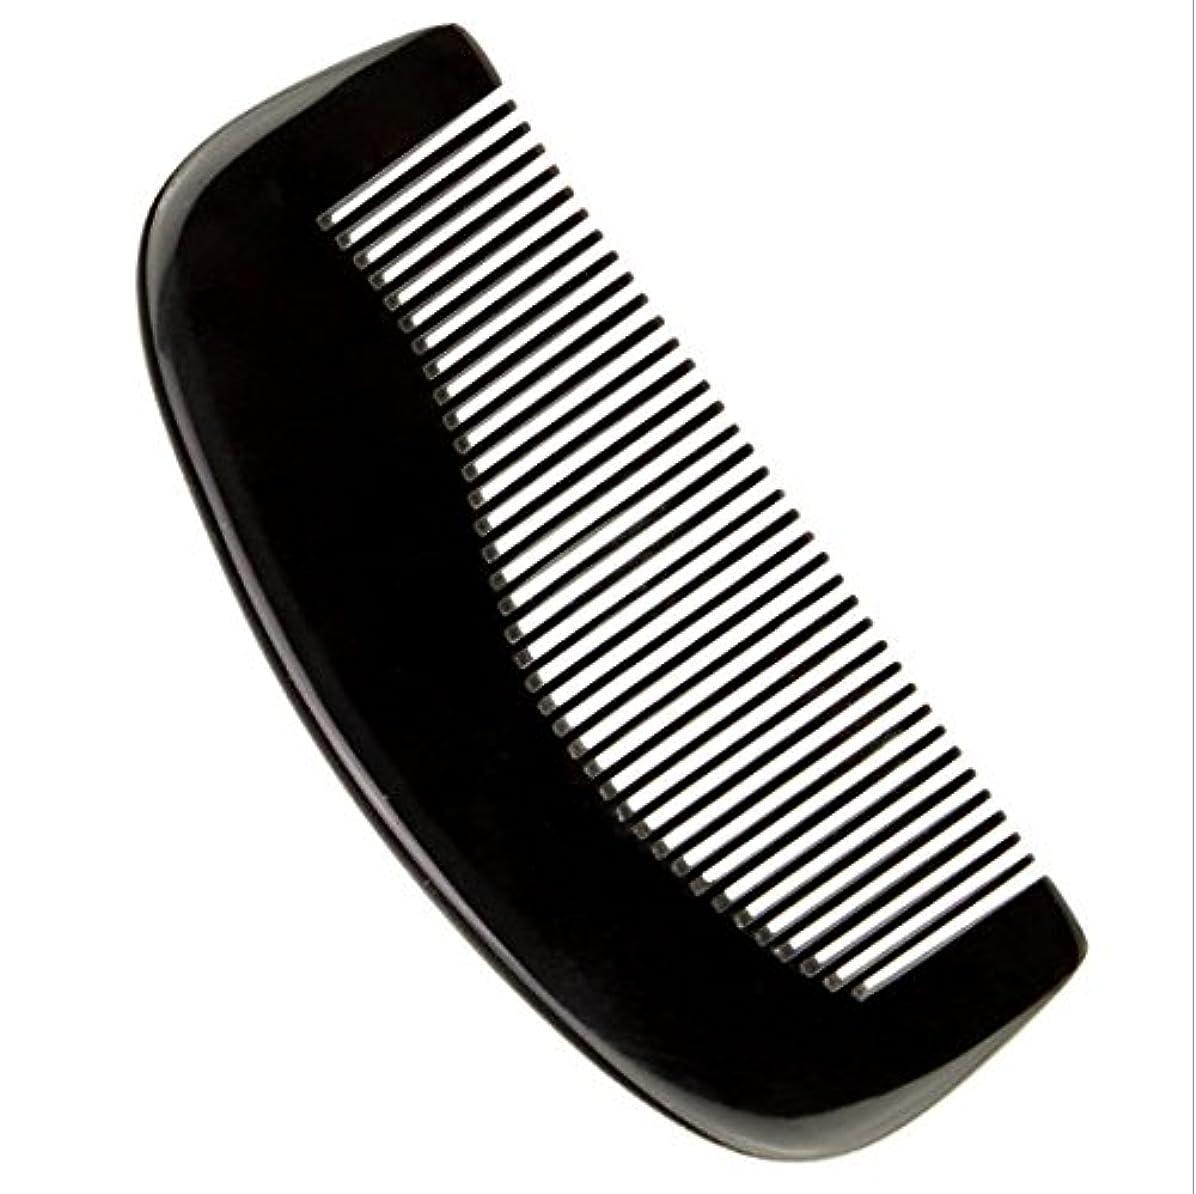 勇気のある近代化静める櫛型 プロも使う牛角かっさプレート 牛櫛 高級 天然 静電気 防止 美髪 粗歯 櫛型 美顔 ボディ リンパマッサージ